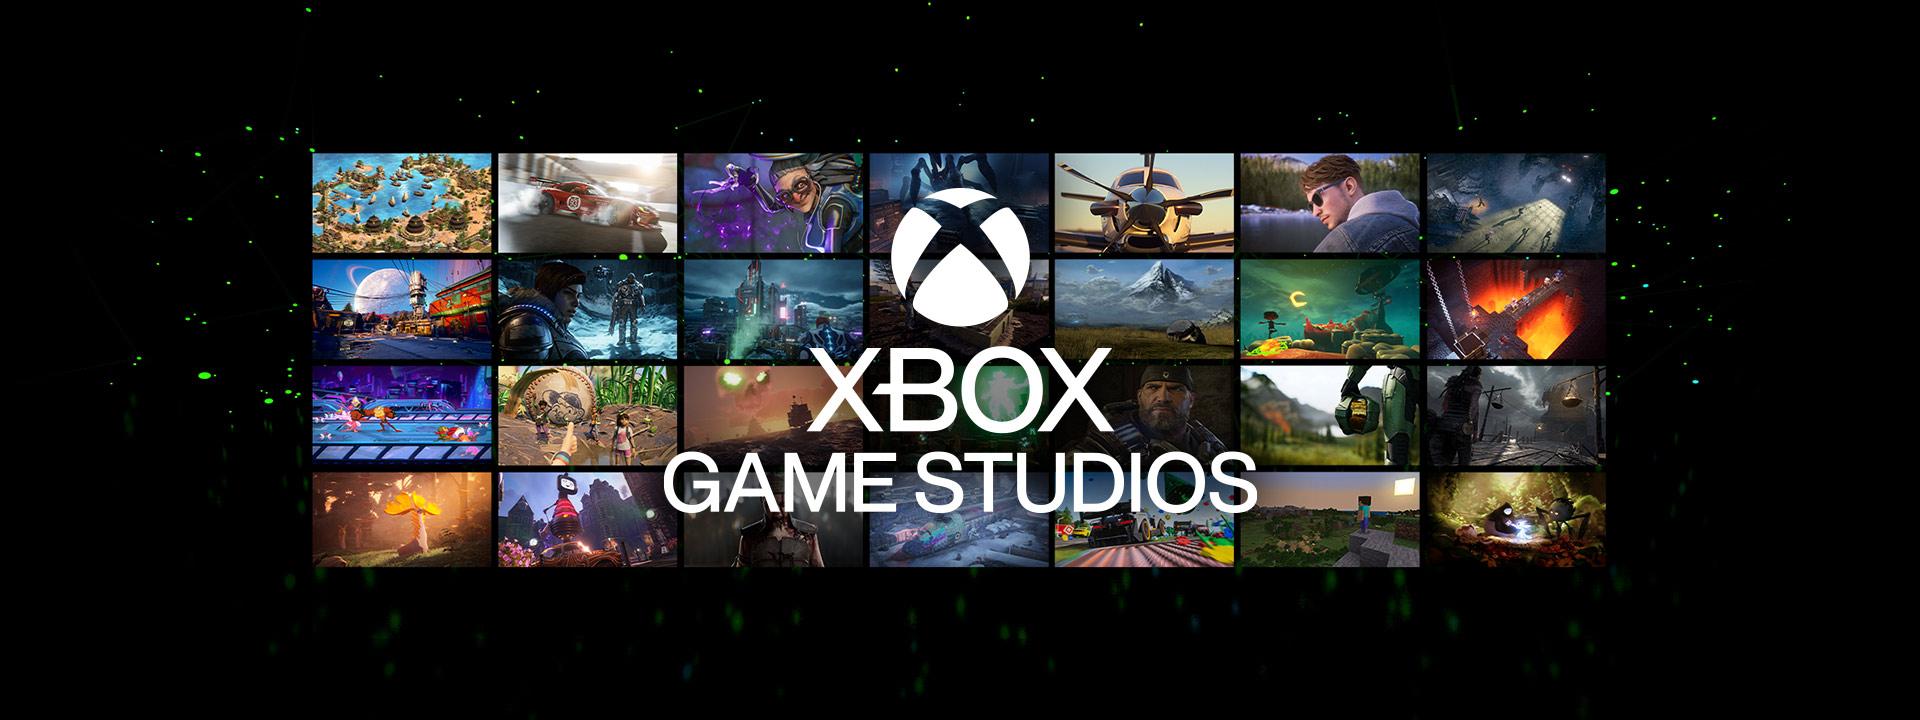 Λογότυπο Xbox Games Studios πάνω από διάφορα στιγμιότυπα παιχνιδιών